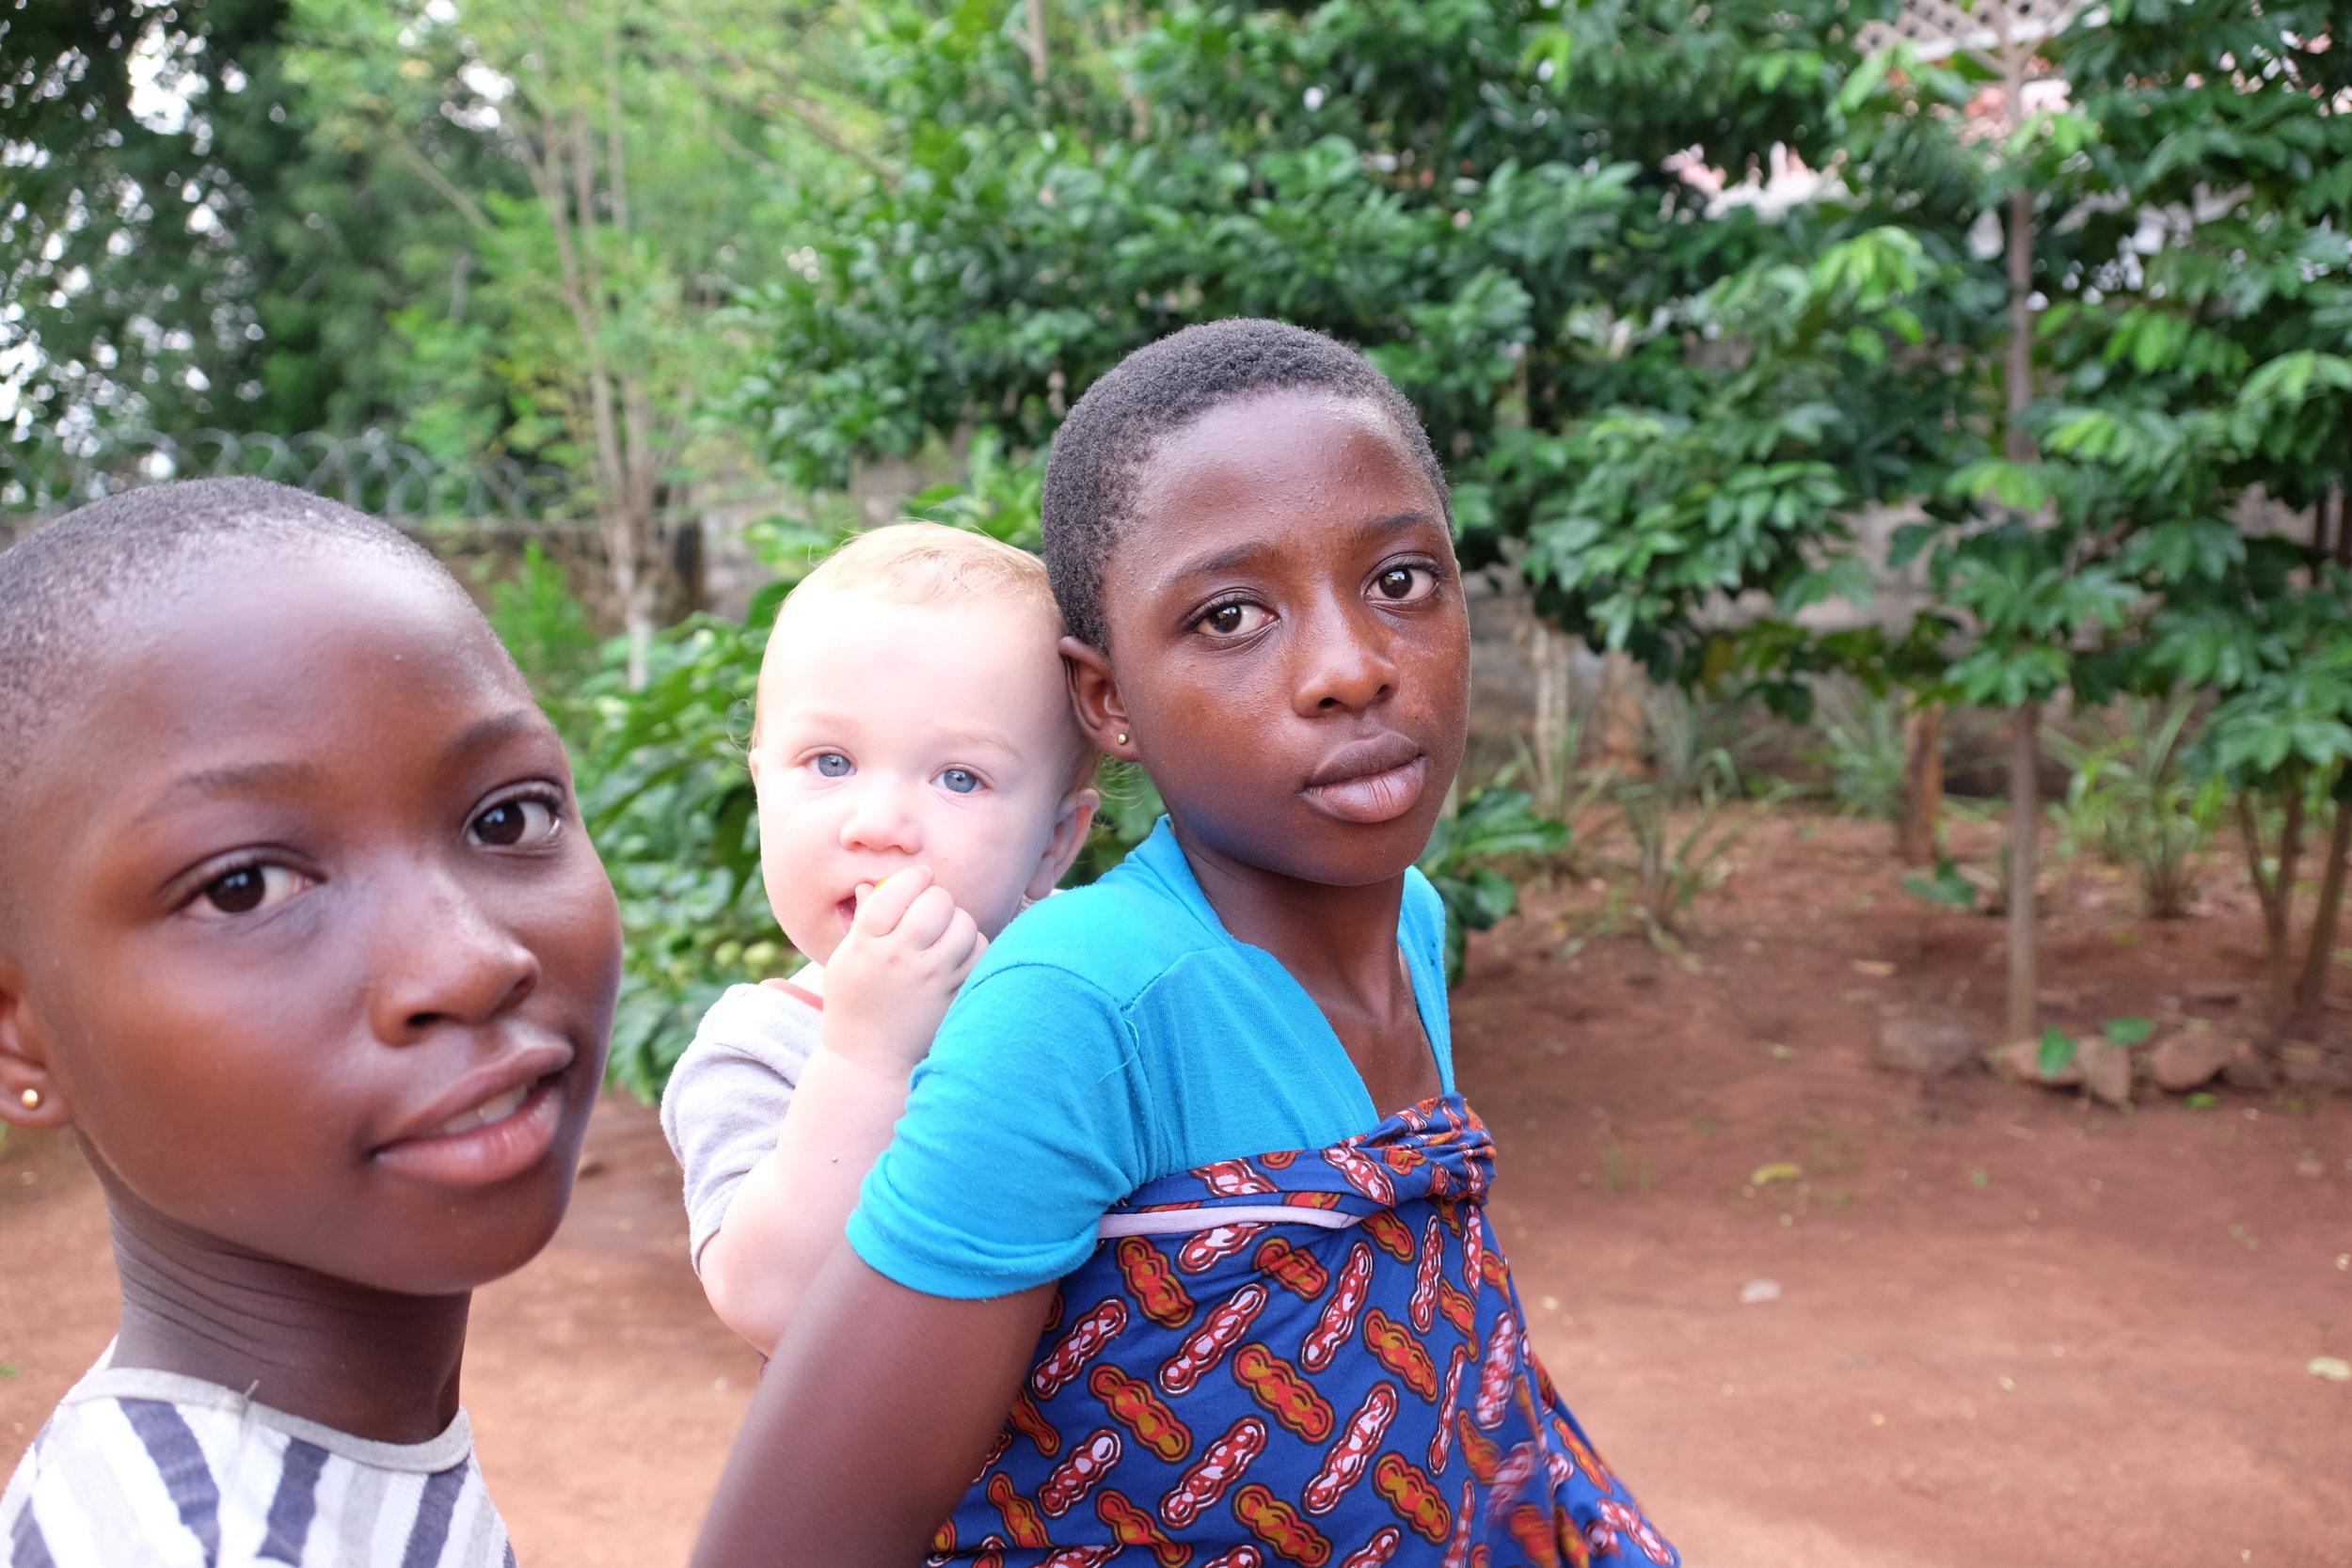 Gloria and Sarah Jr.—wearing Lewis the Ghanaian way.